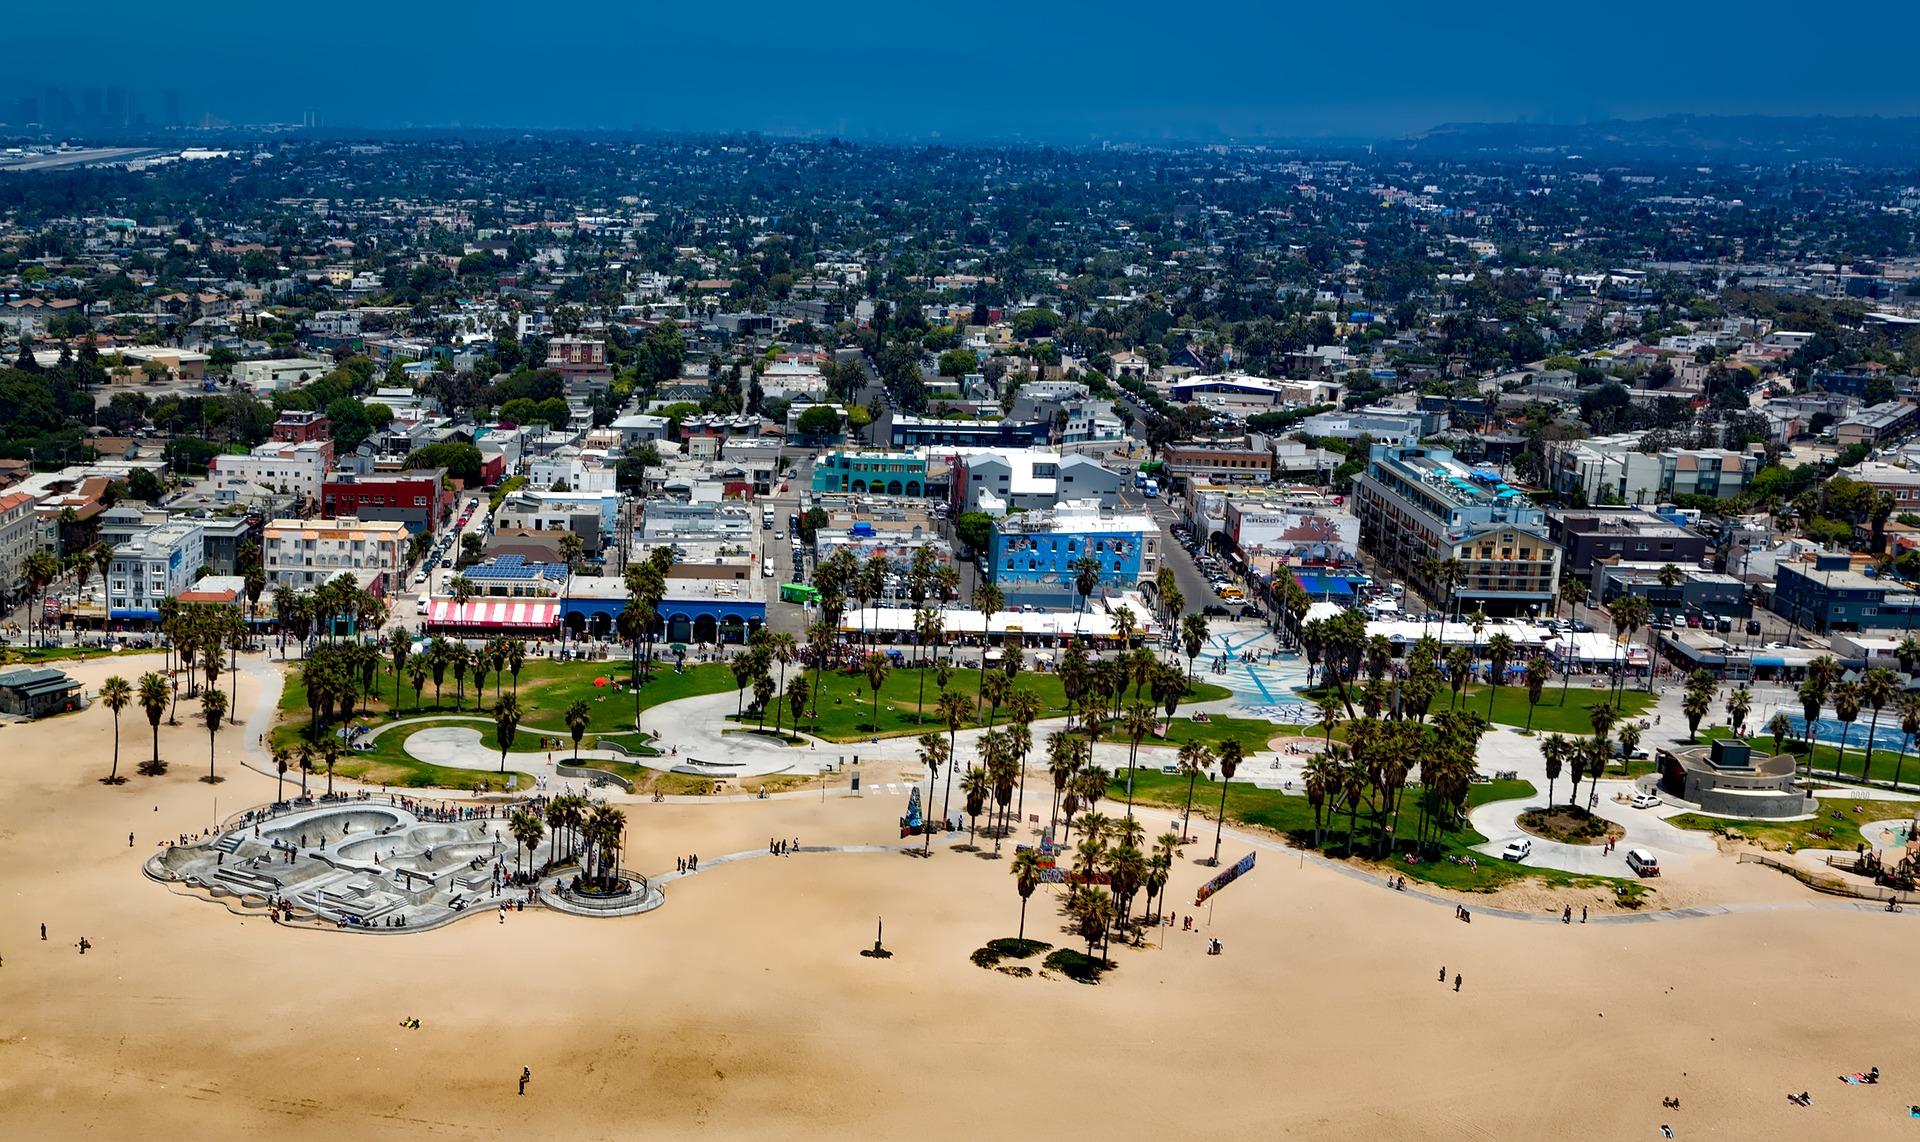 Flüge nach LAX auf zum Venice Beach einfach entspannen und die berühmte Strandpromenade für sich entdecken